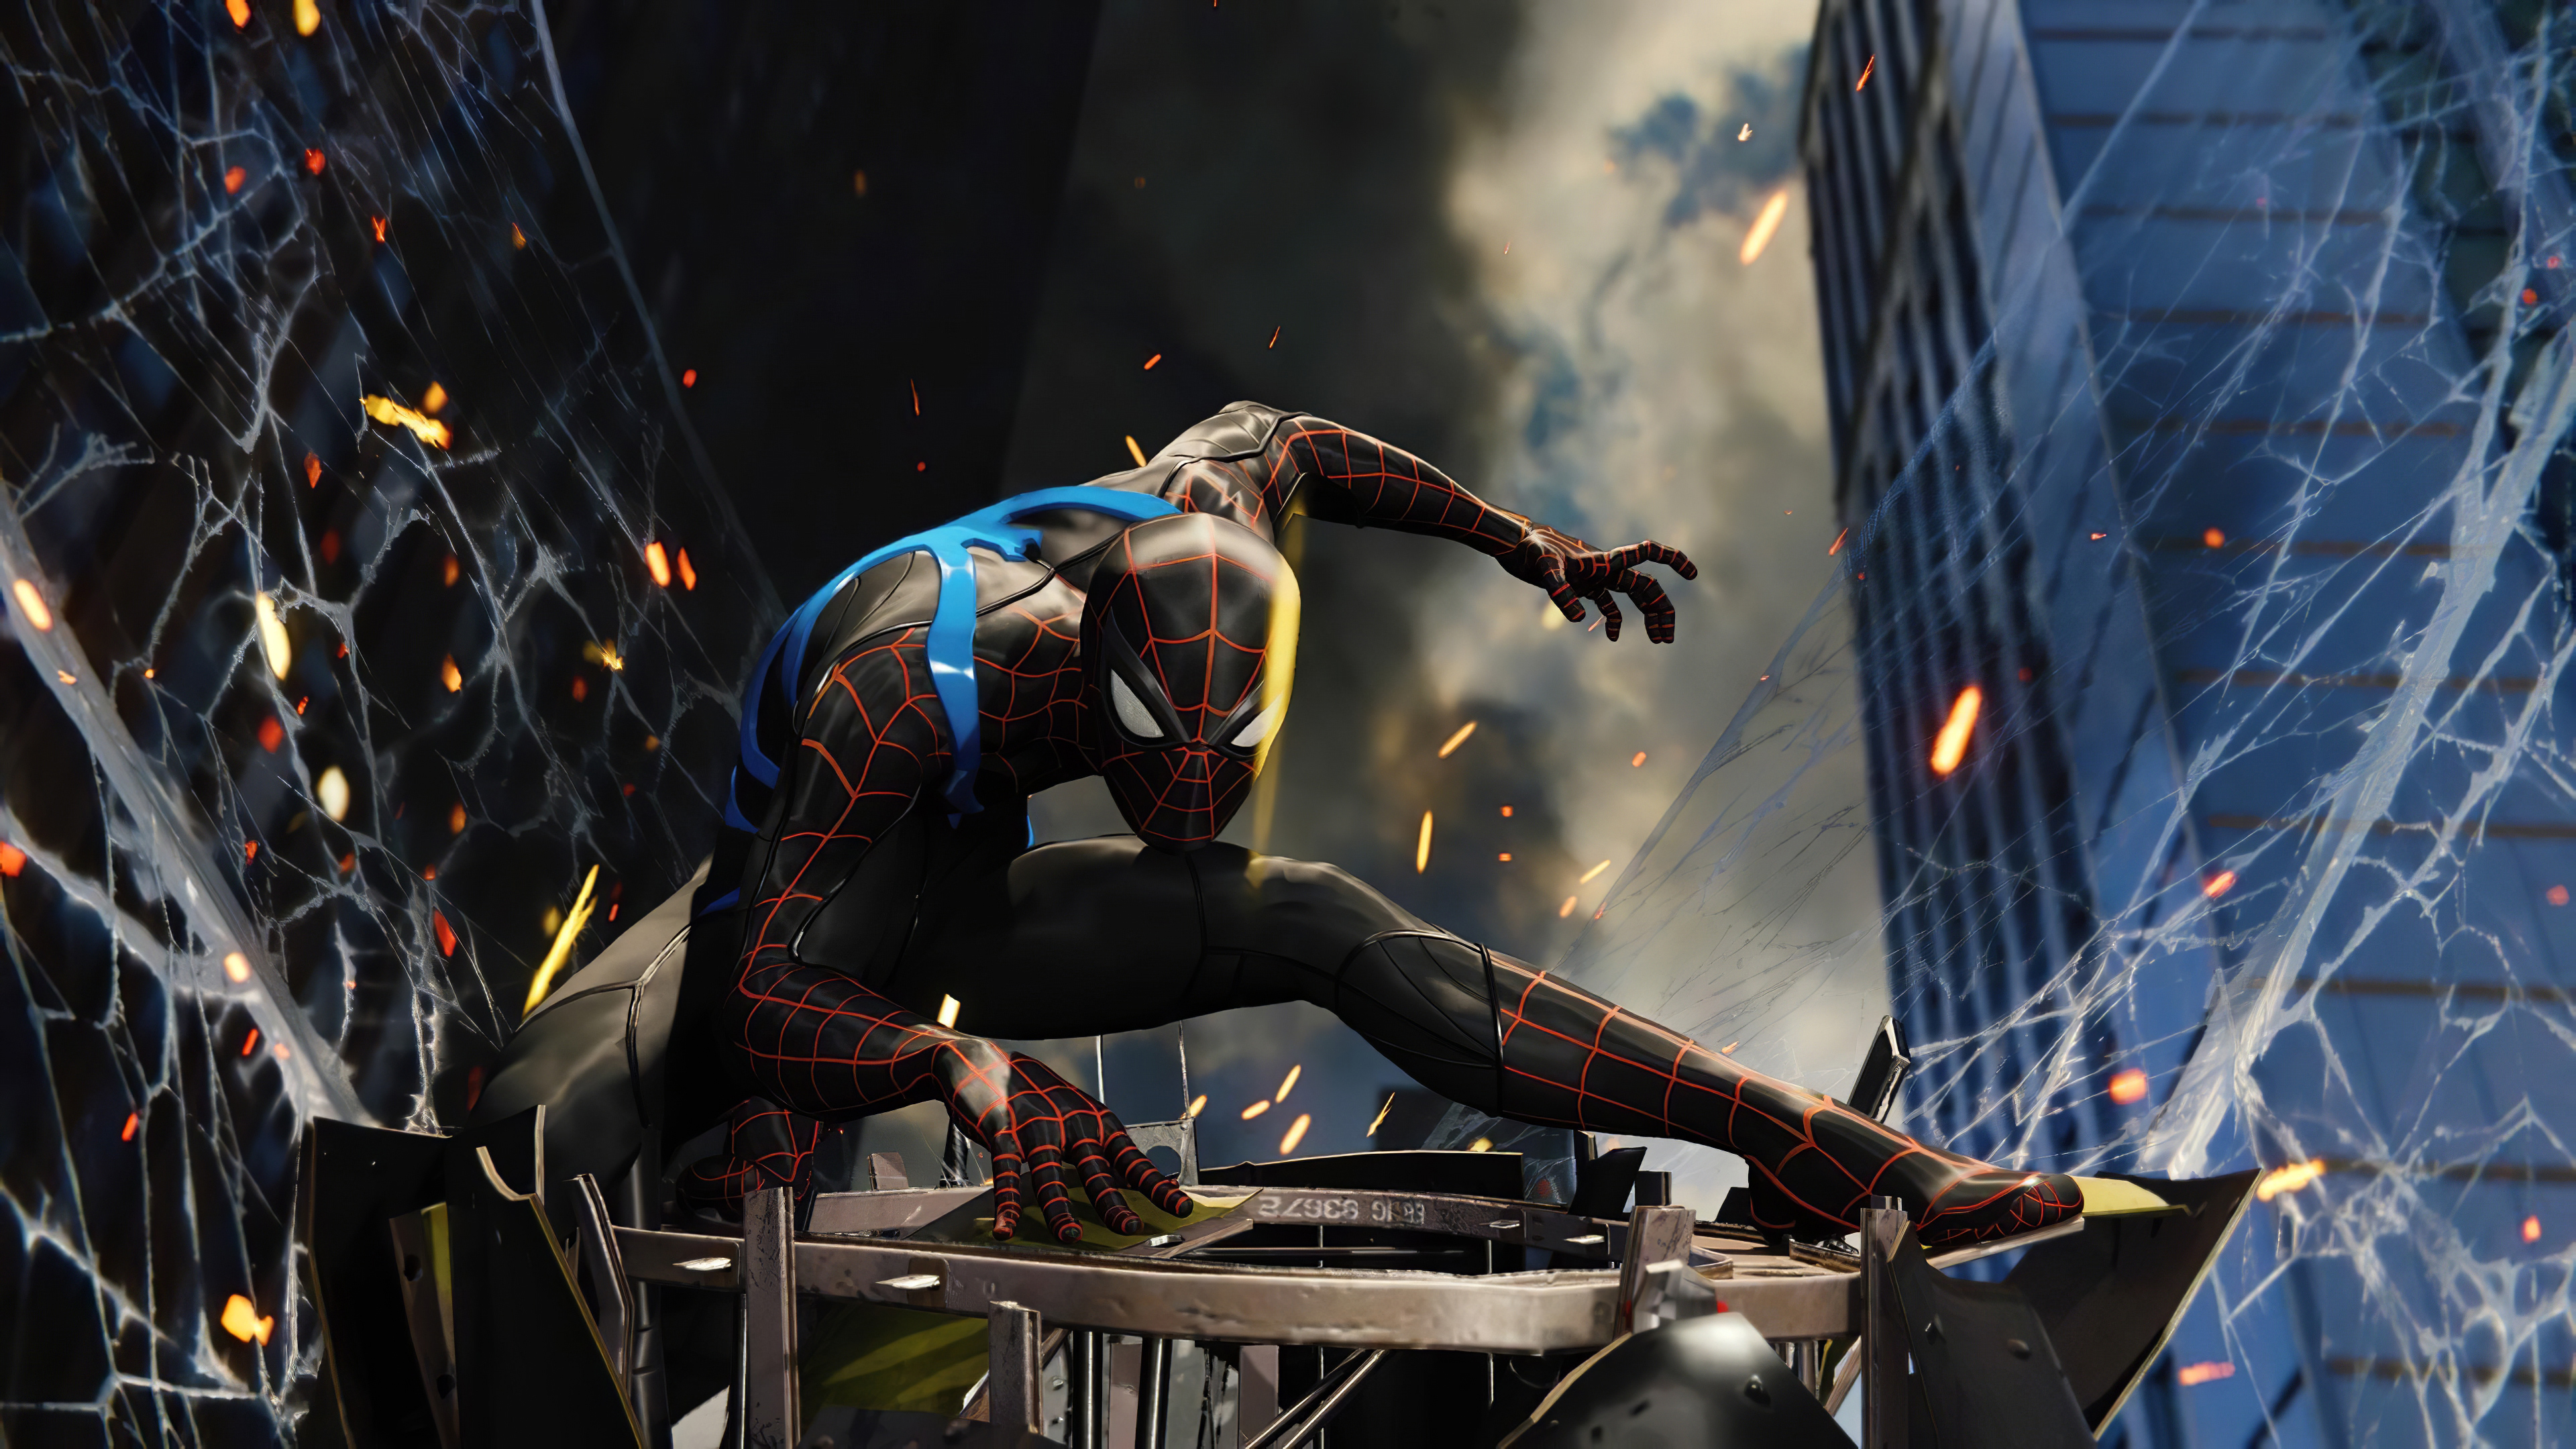 Fondos de pantalla El hombre araña con traje negro y azul